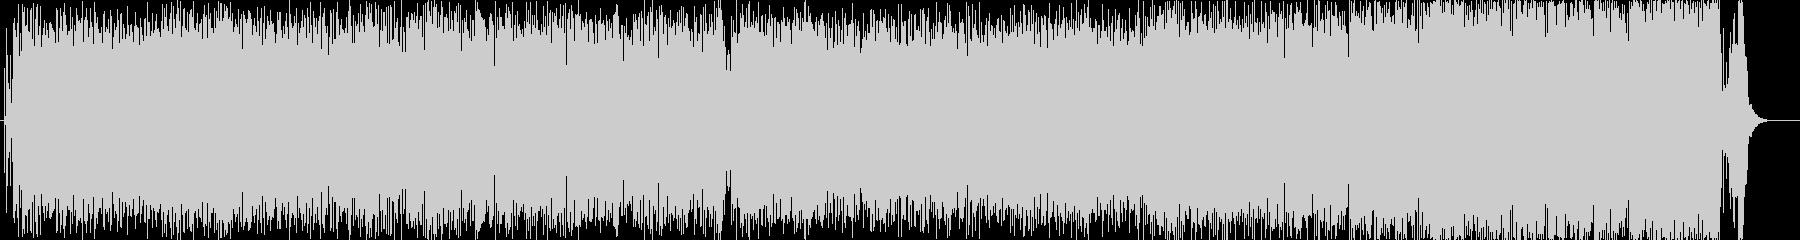 三味線・尺八を使ったハイテンションな曲の未再生の波形